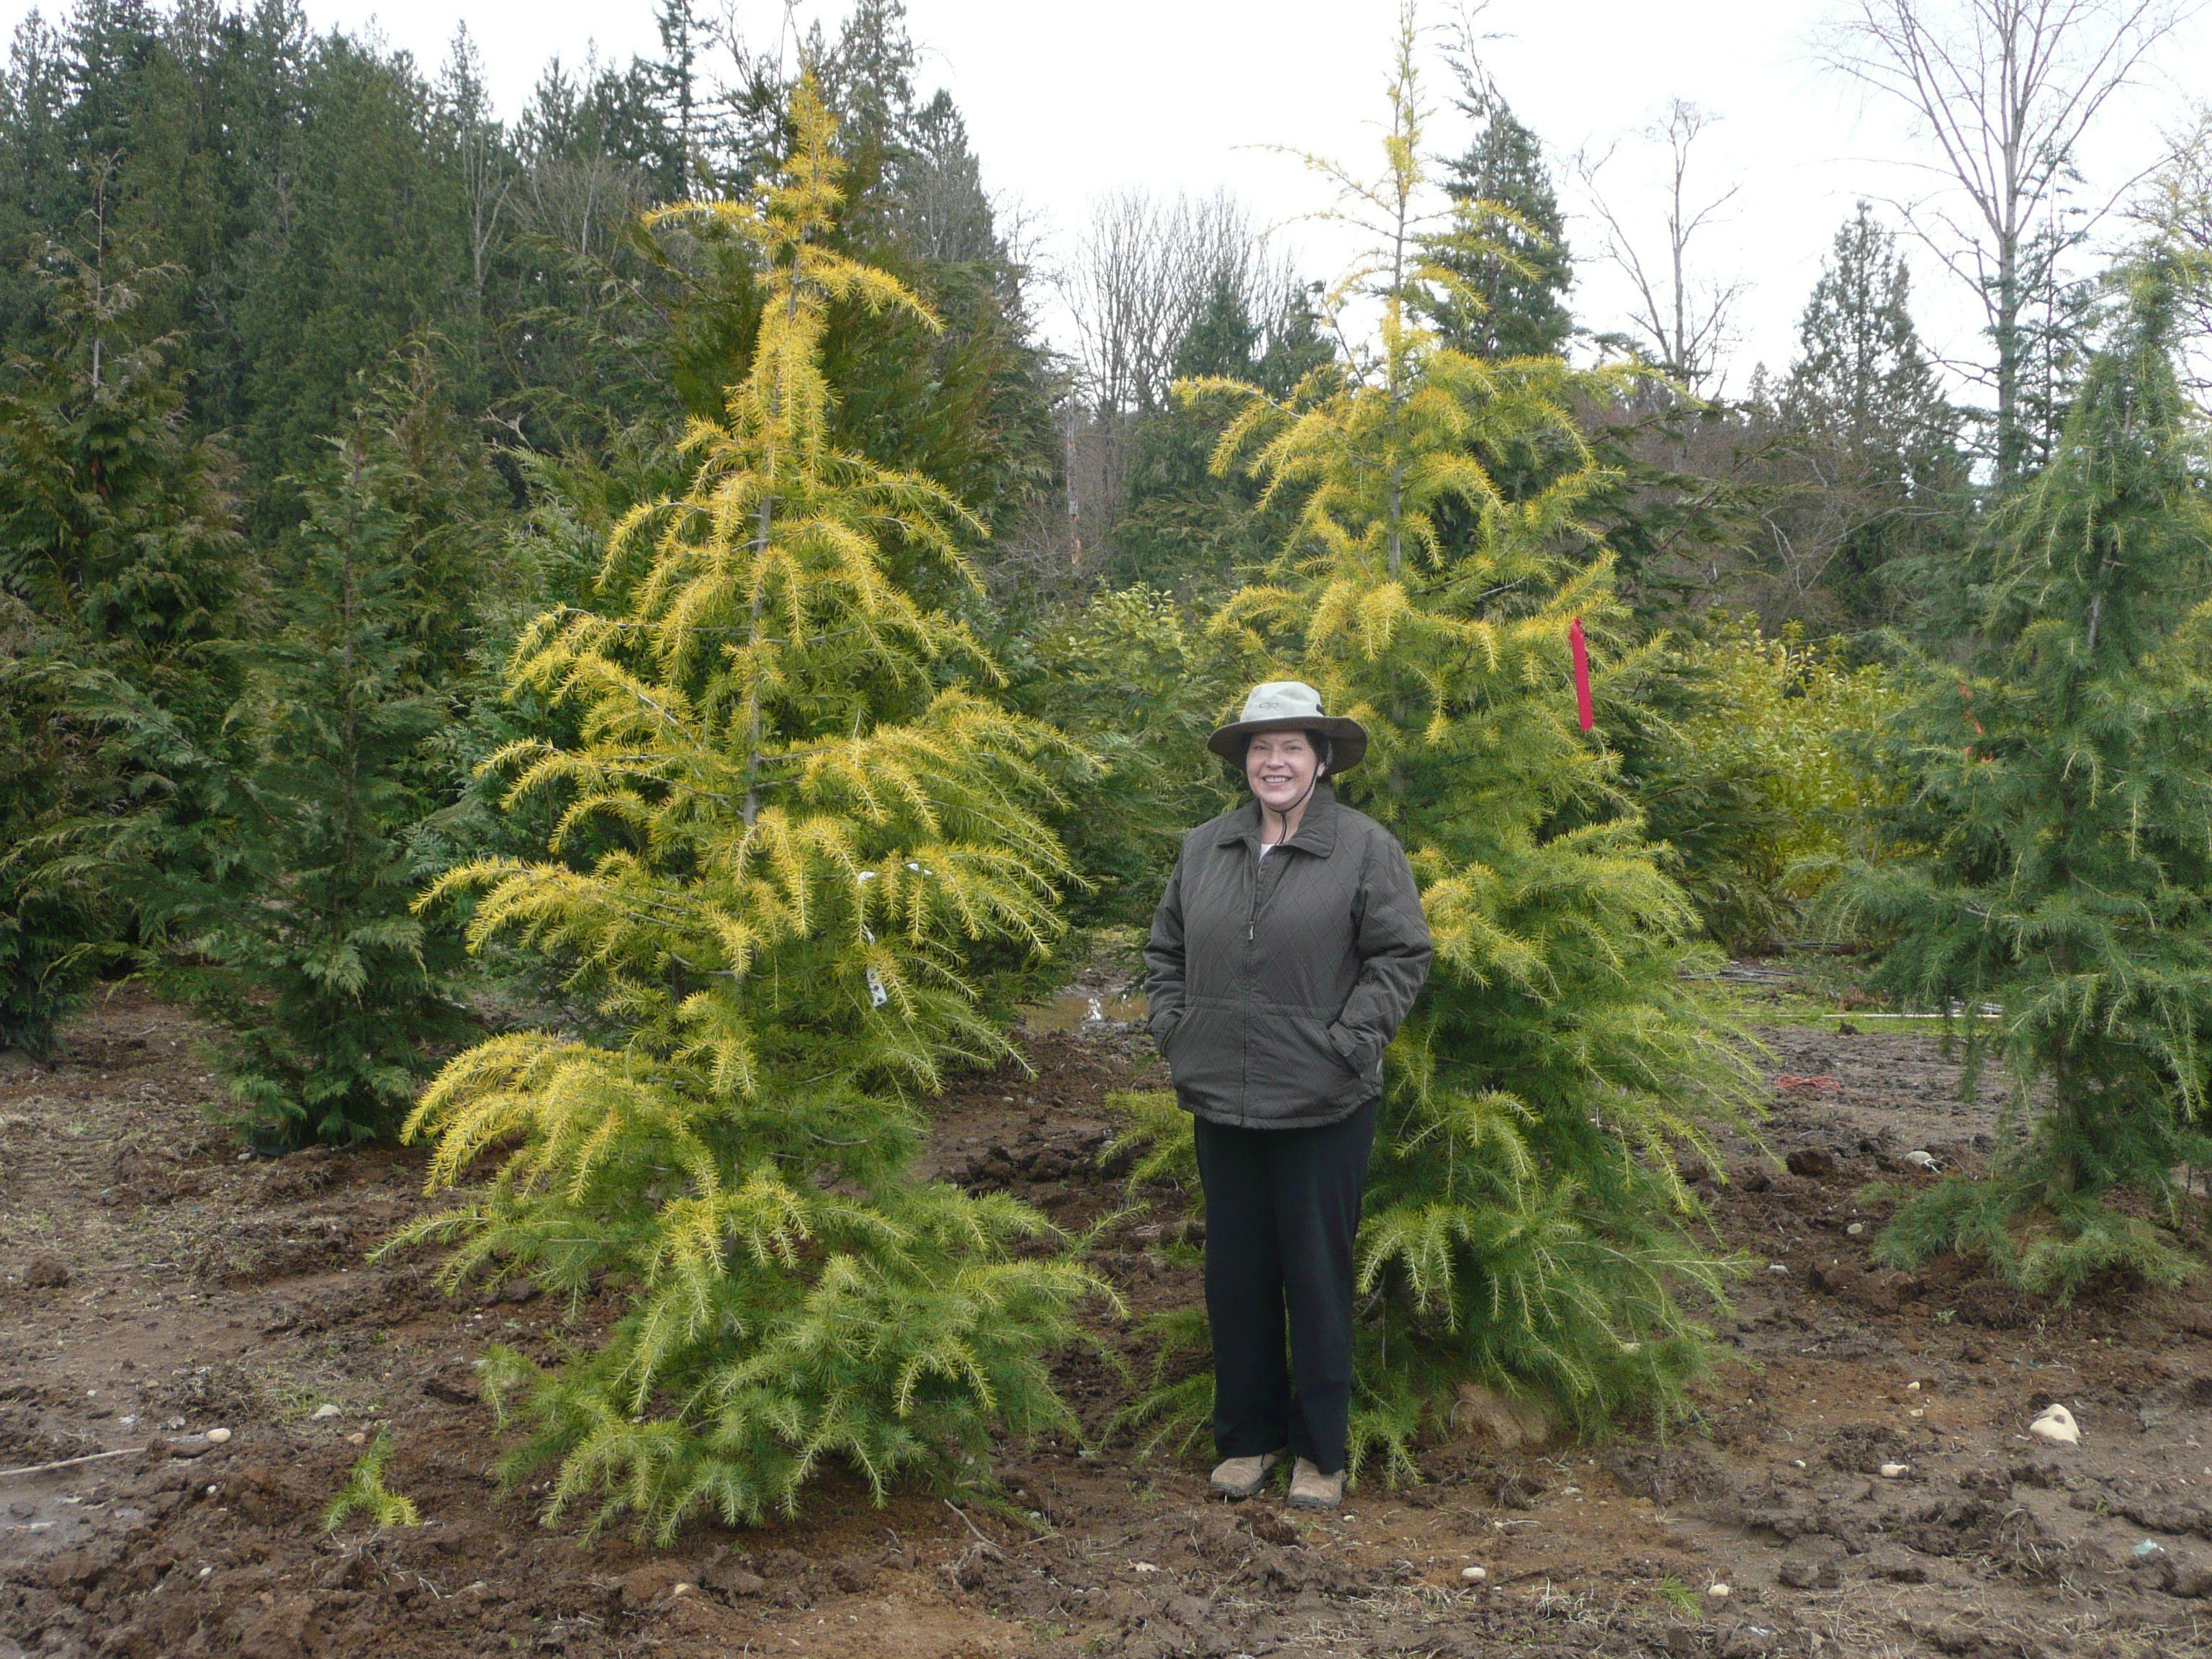 doedar cedar in washington state